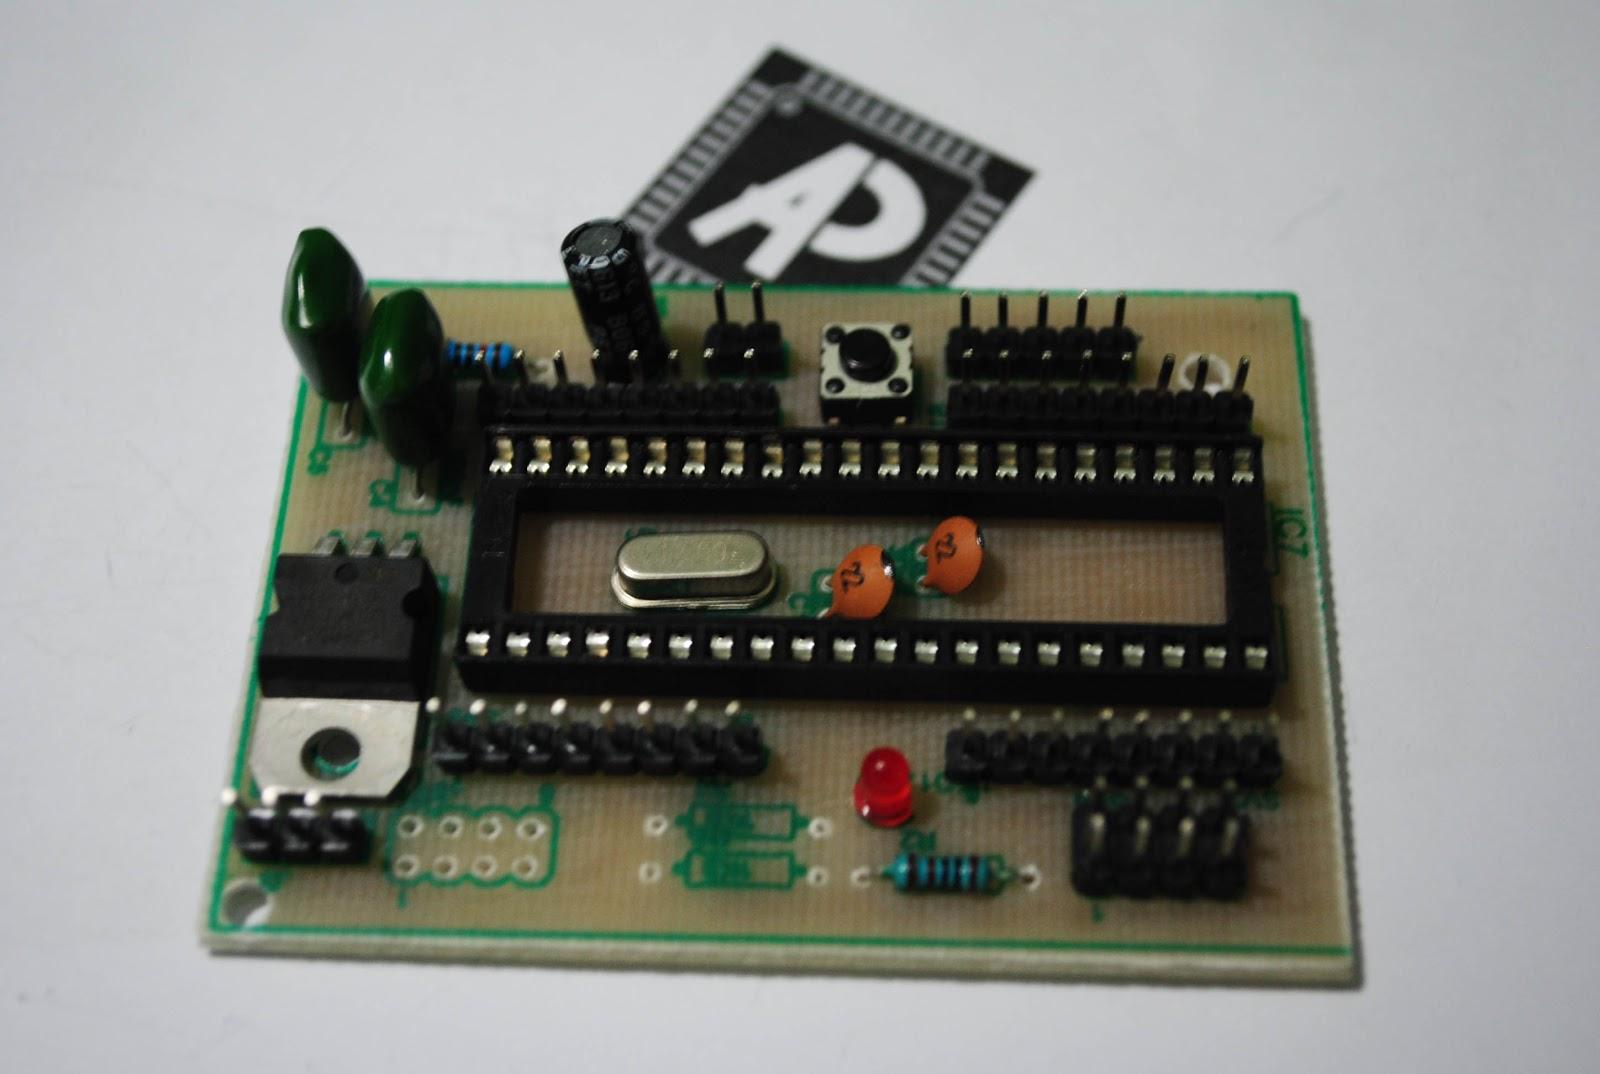 Apa Itu Arduino Pemutih Wajah Afroskin Bpom Ic Atmega328 Atmega 328 Sudah Bootloader Ada 2 Bahasa Pemrograman Yang Populer Digunakan Yaitu Code Vision Avr Dan Bascom Keduanya Berbayar Namun Beberapa Programmer Lebih